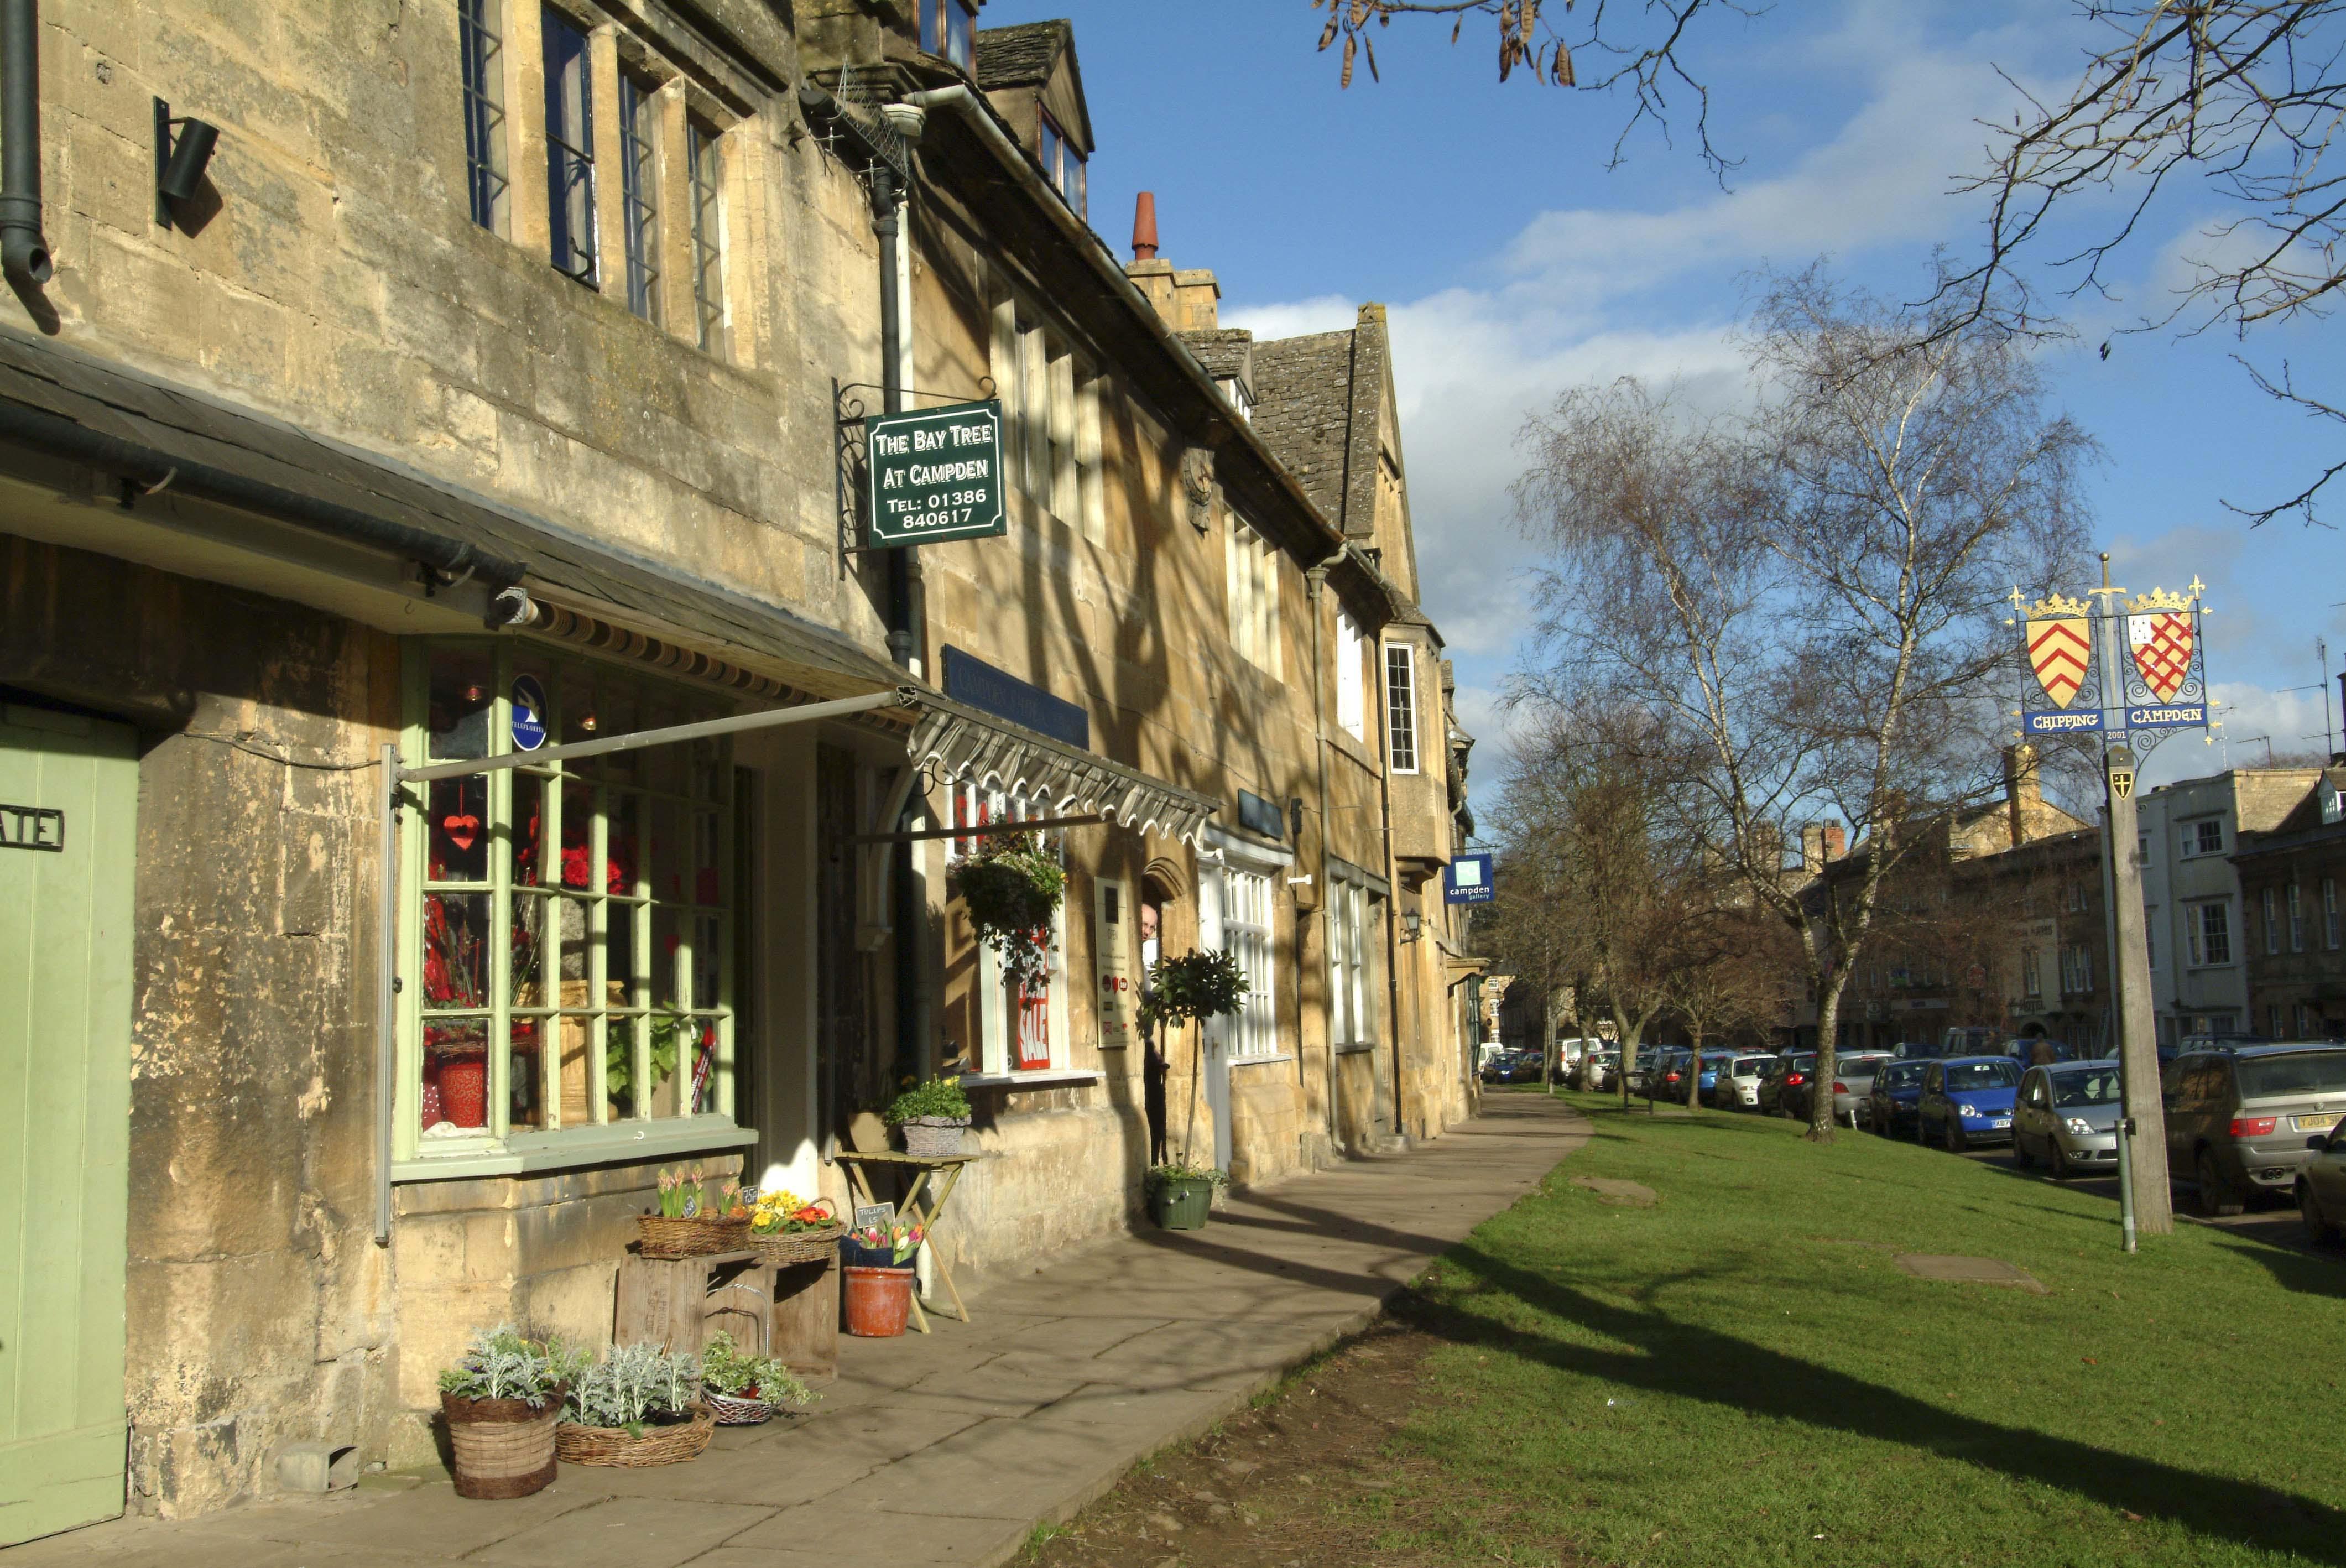 美しい英国マーケット・タウン! コッツウォルズのチッピング・カムデン